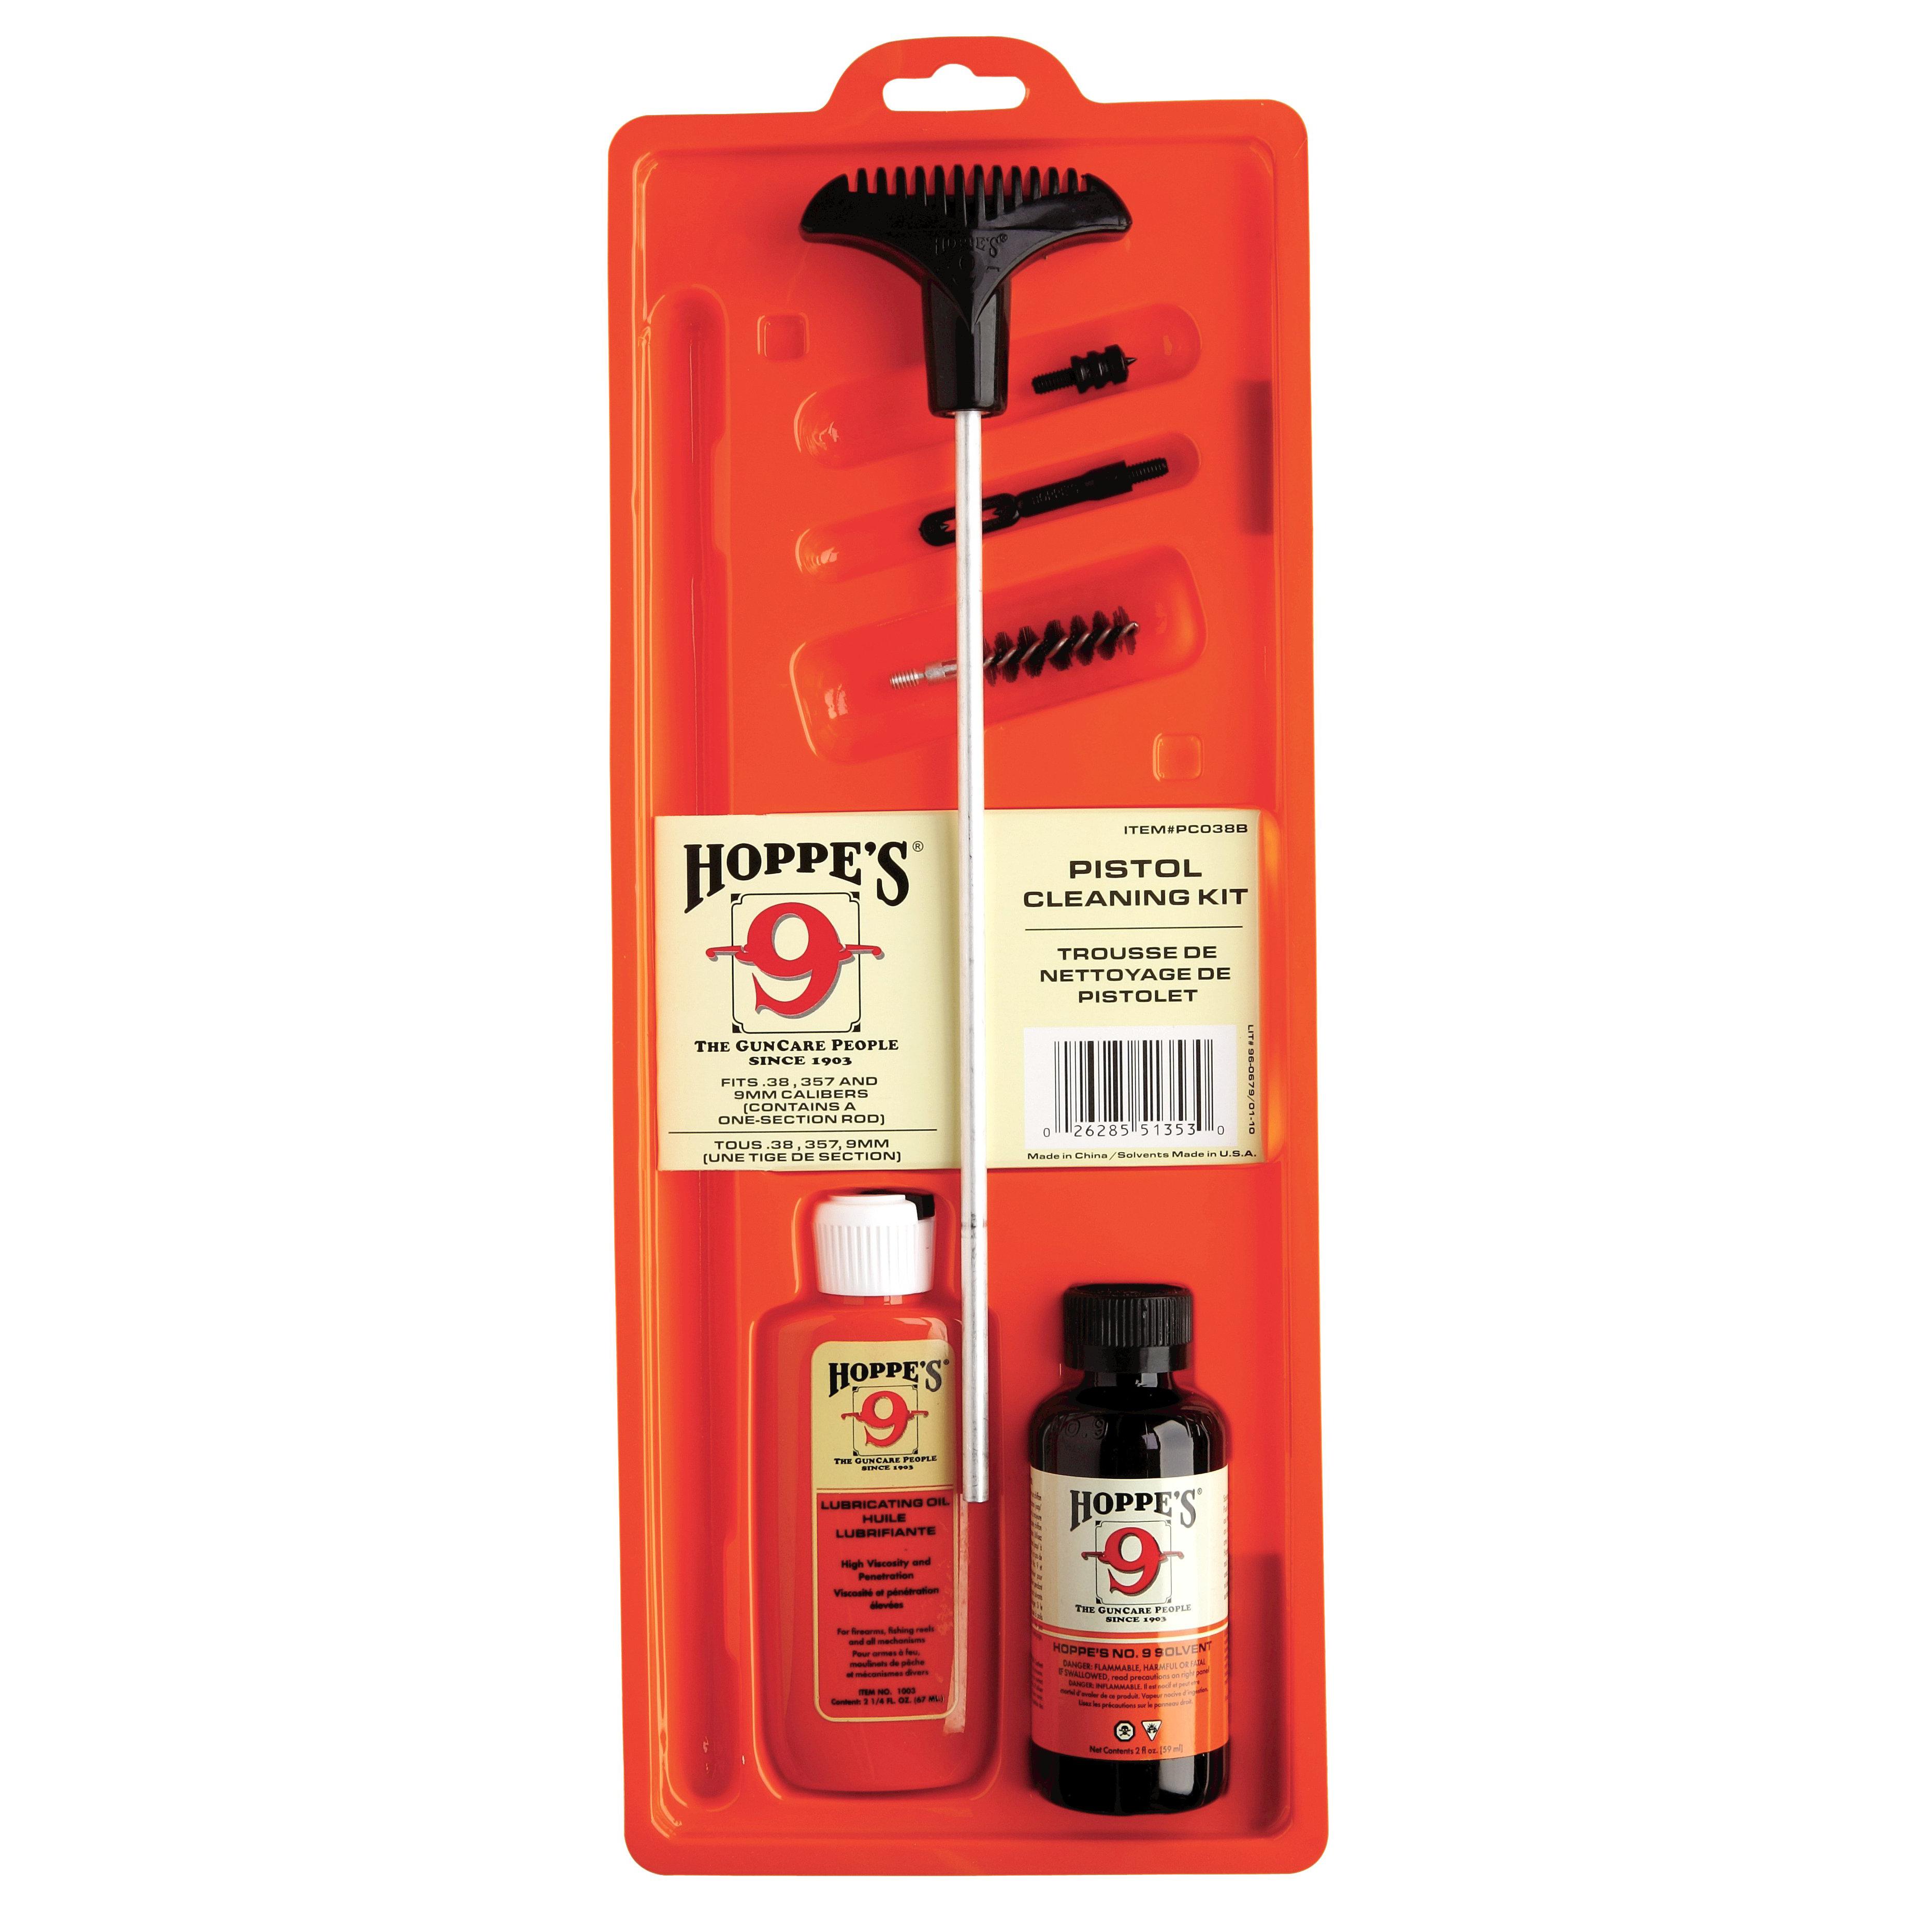 Hoppe's Cleaning Kit For .38, .357 Caliber 9mm Pistol